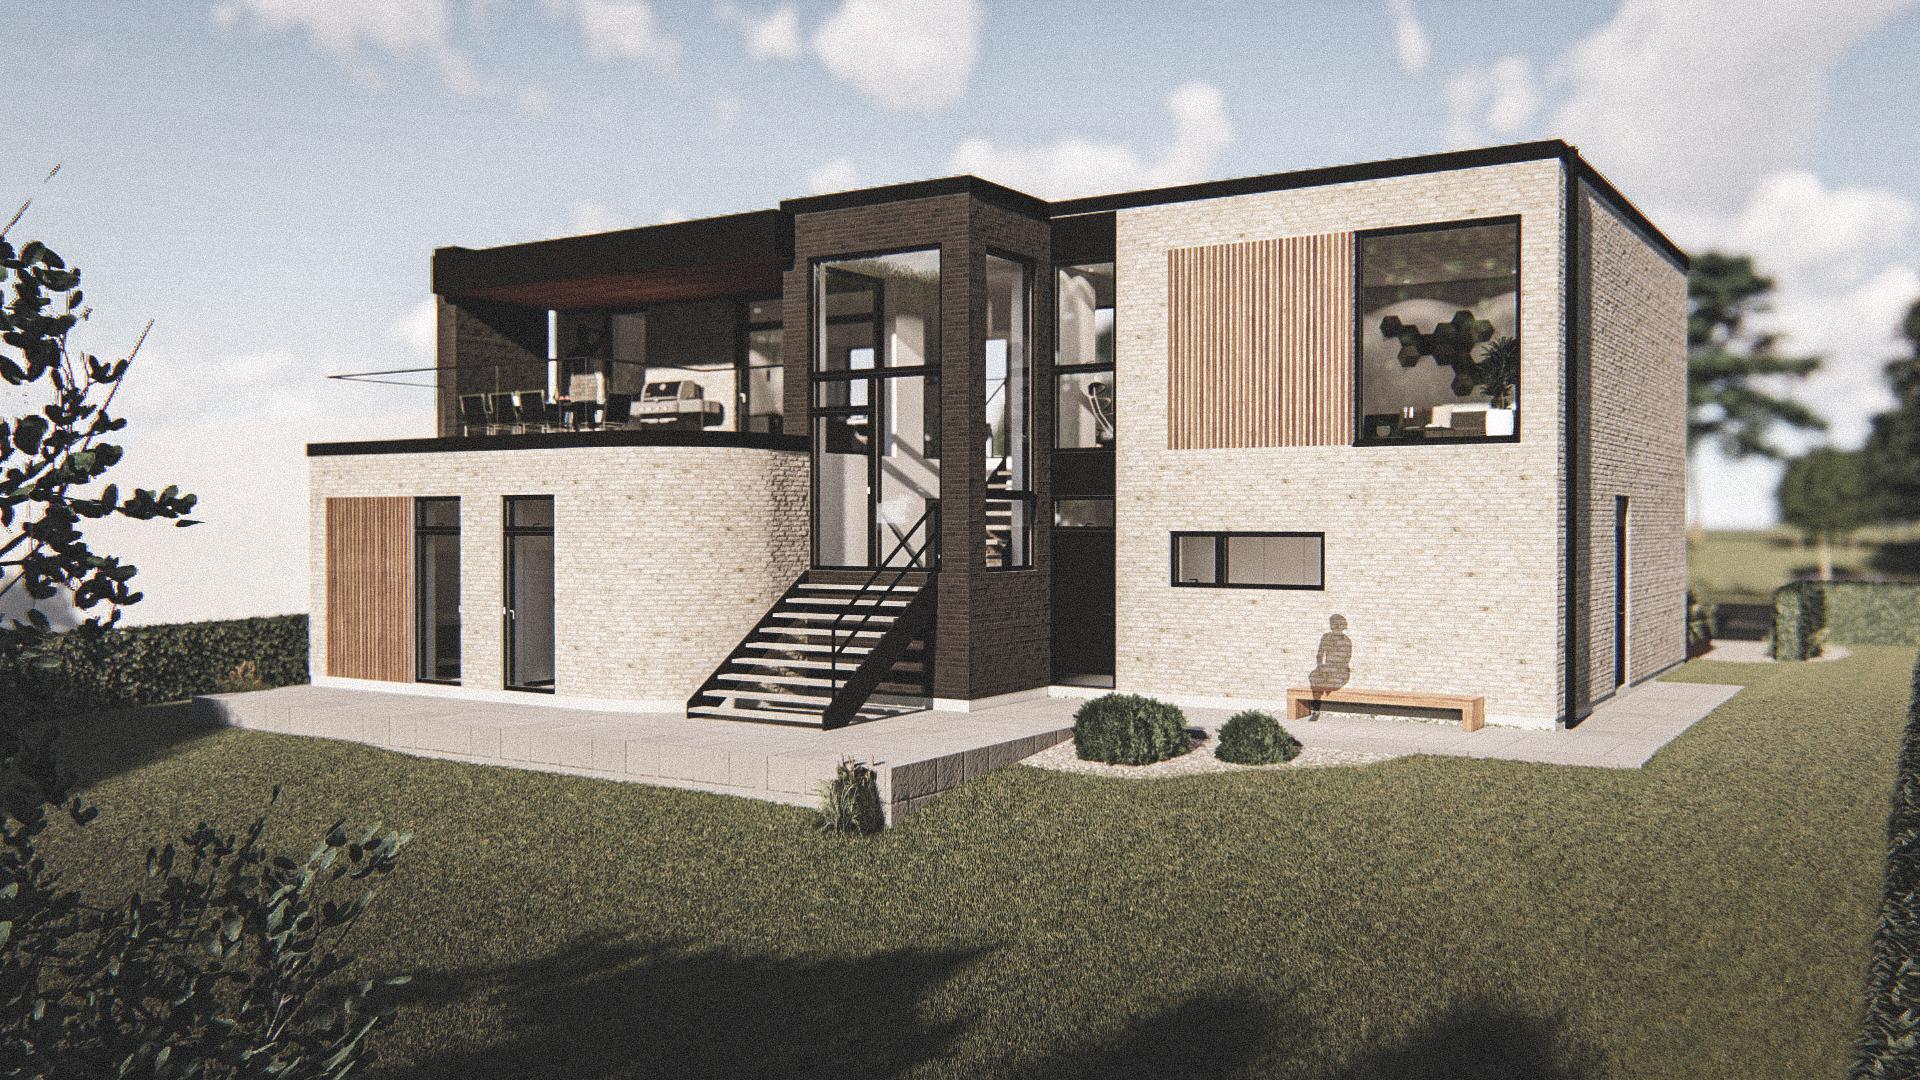 Billede af Dansk arkitekttegnet 2 plan villa af arkitektfirmaet m2plus, i Herlev på 262 kvartratmeter.